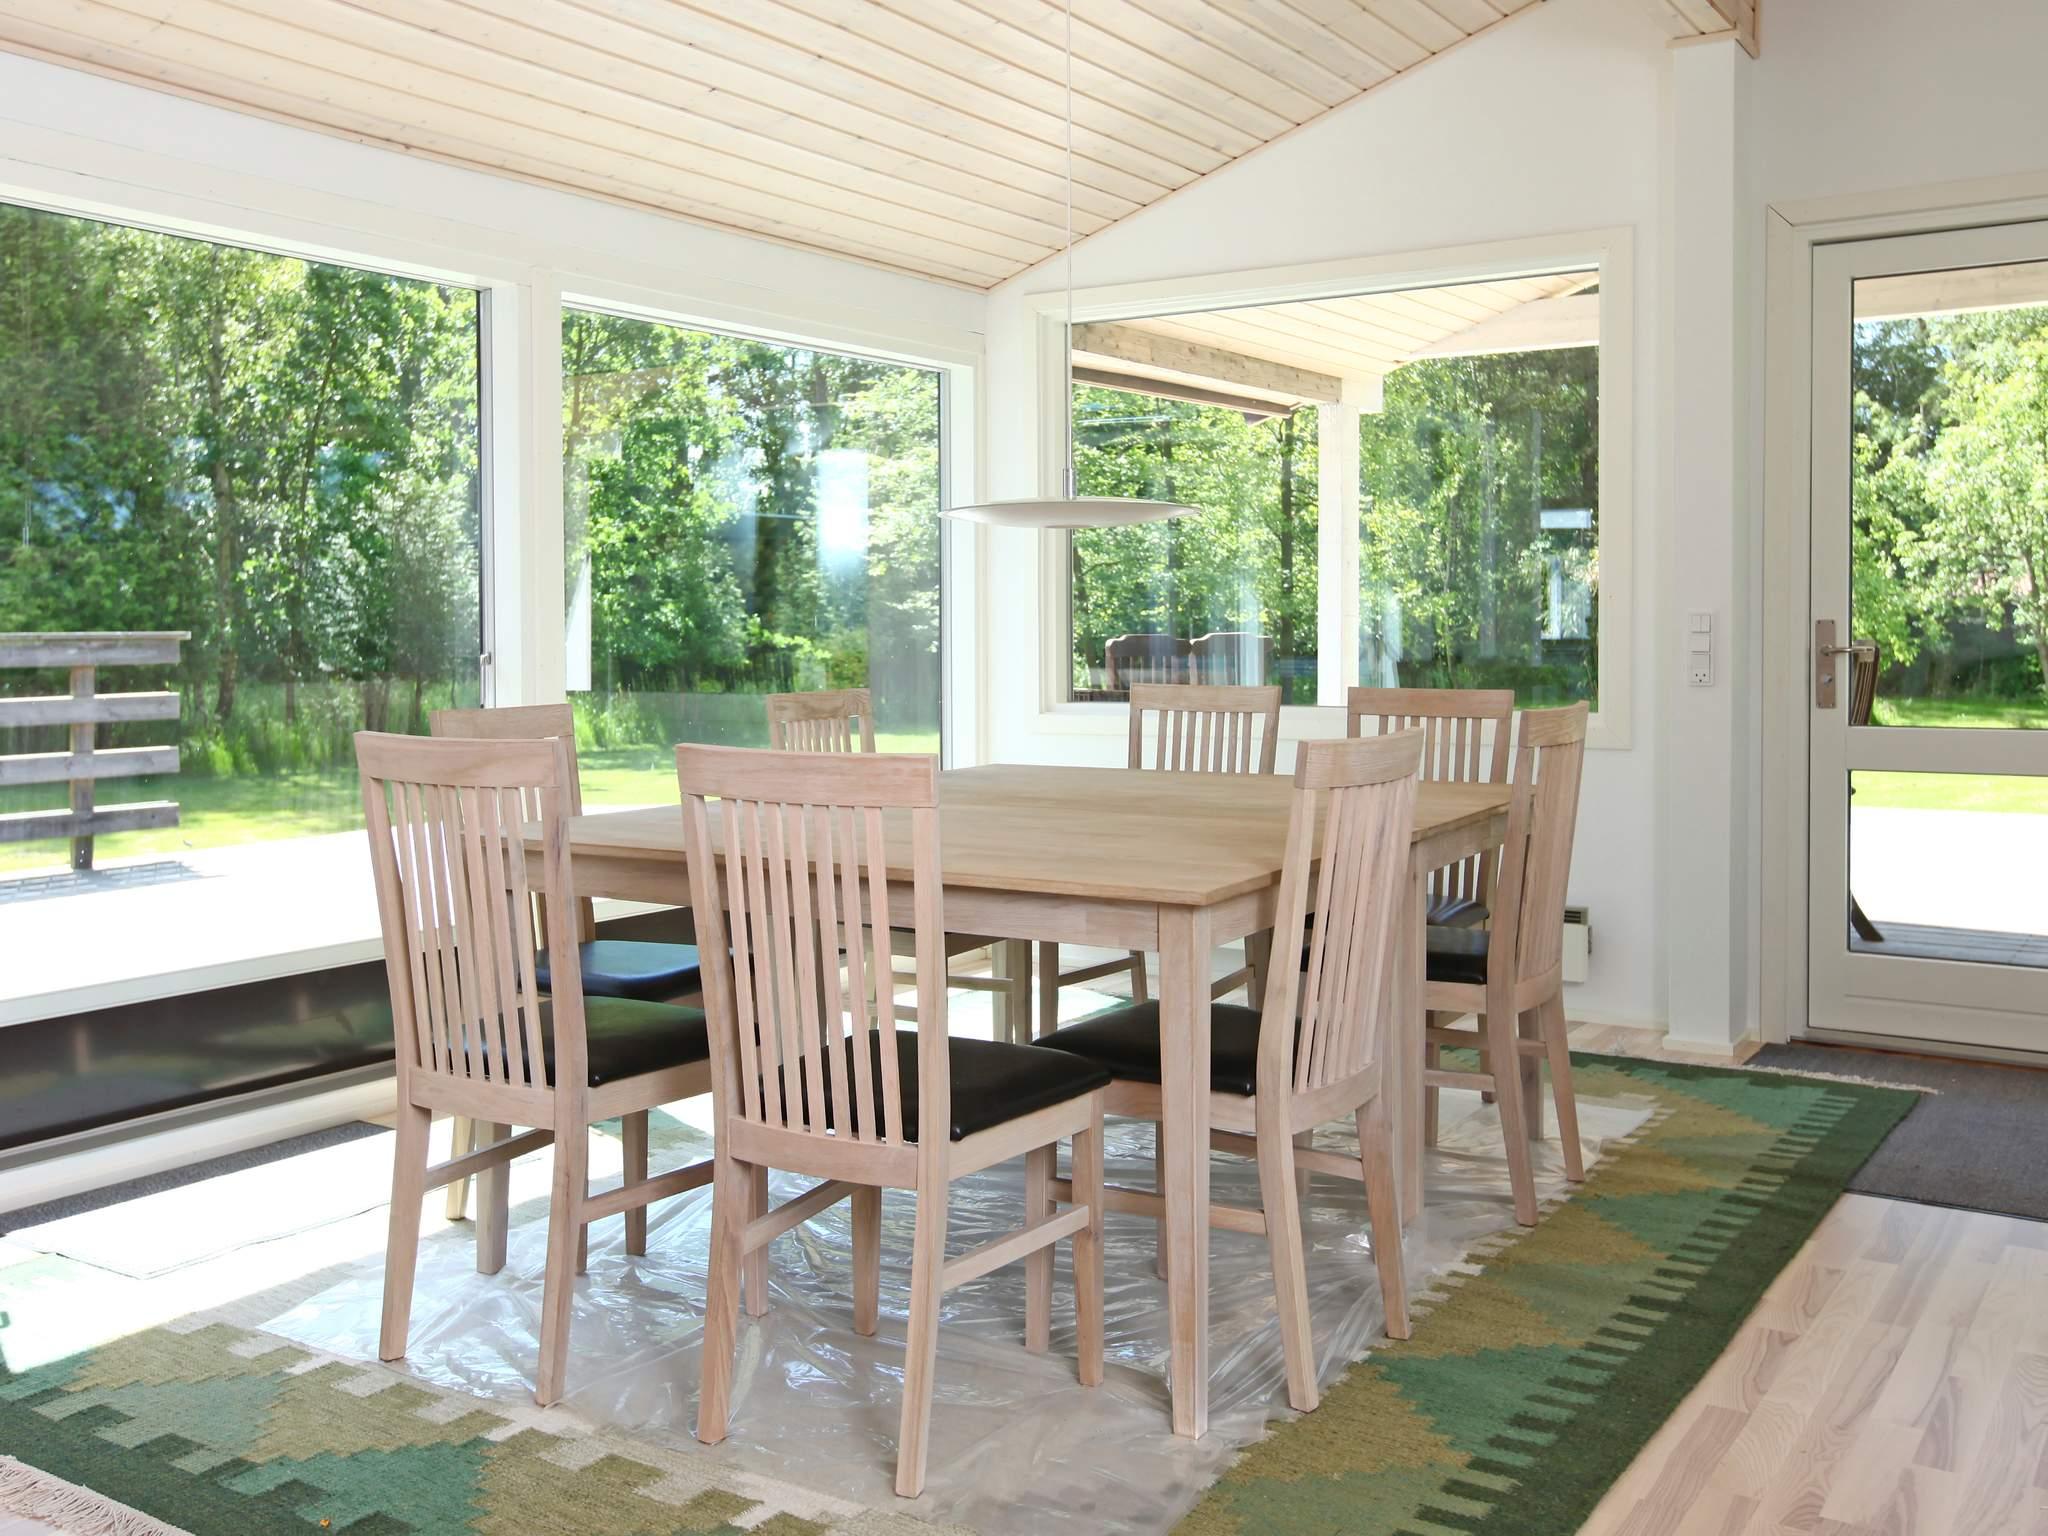 Ferienhaus Hummingen (89267), Hummingen, , Lolland, Dänemark, Bild 5